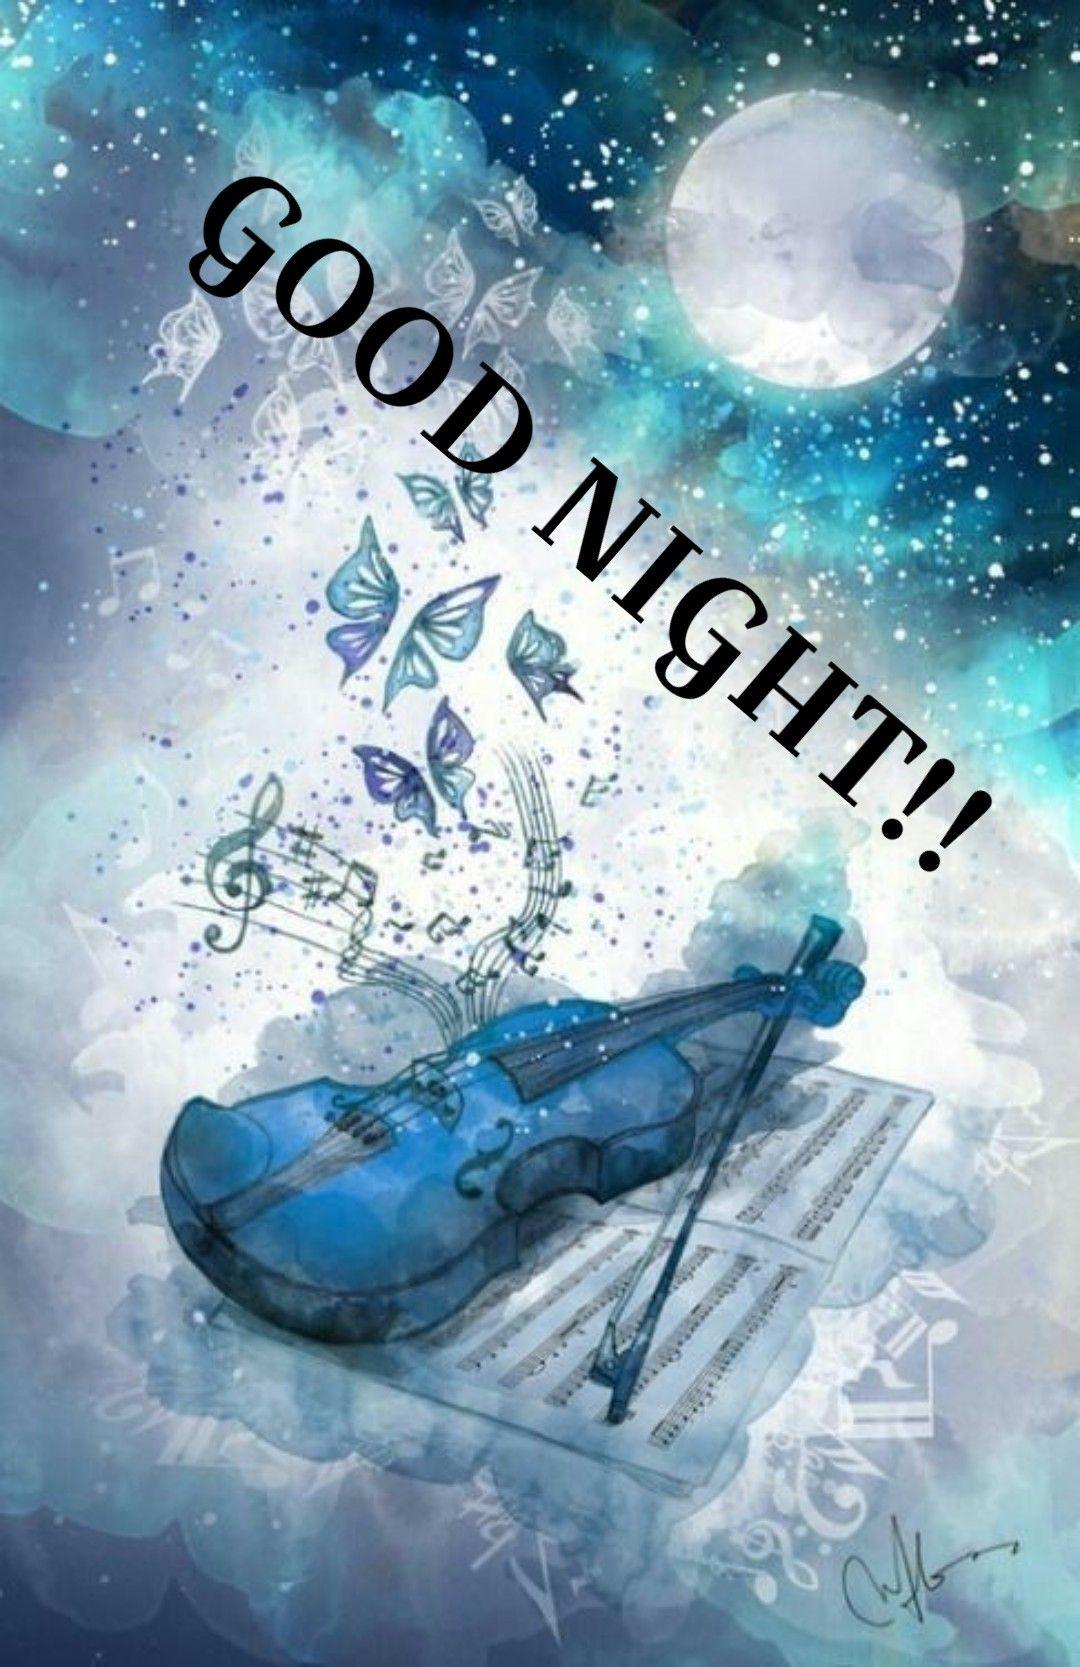 Immagine Su Good Night Di Lizette Pretorius Buonanotte Notte